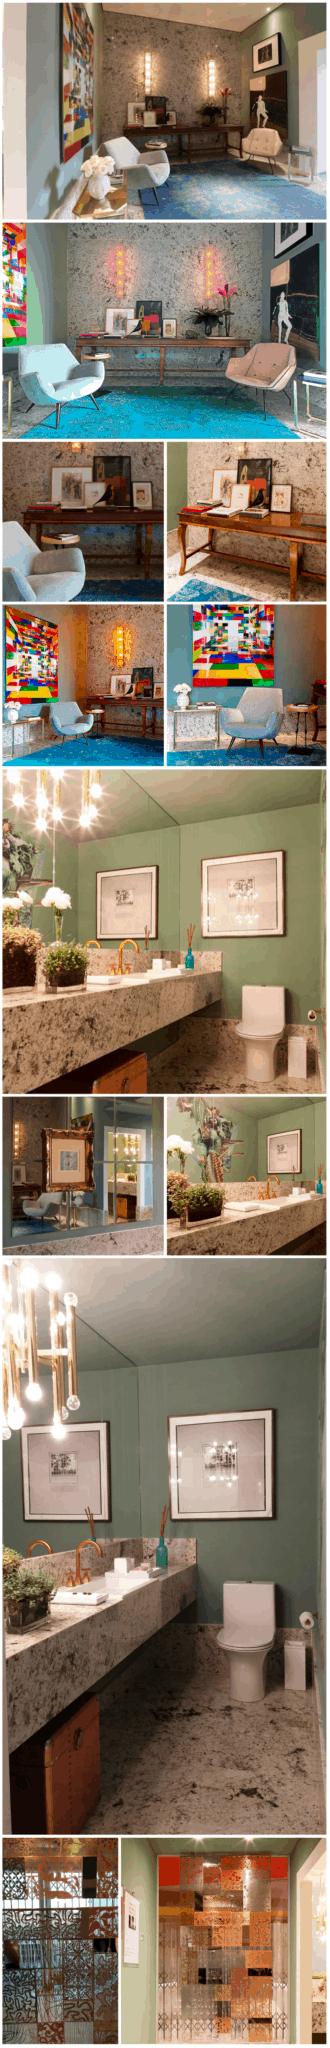 hall-do-colecionador-rodrigo-beto-casa-cor-decorar-com-charme